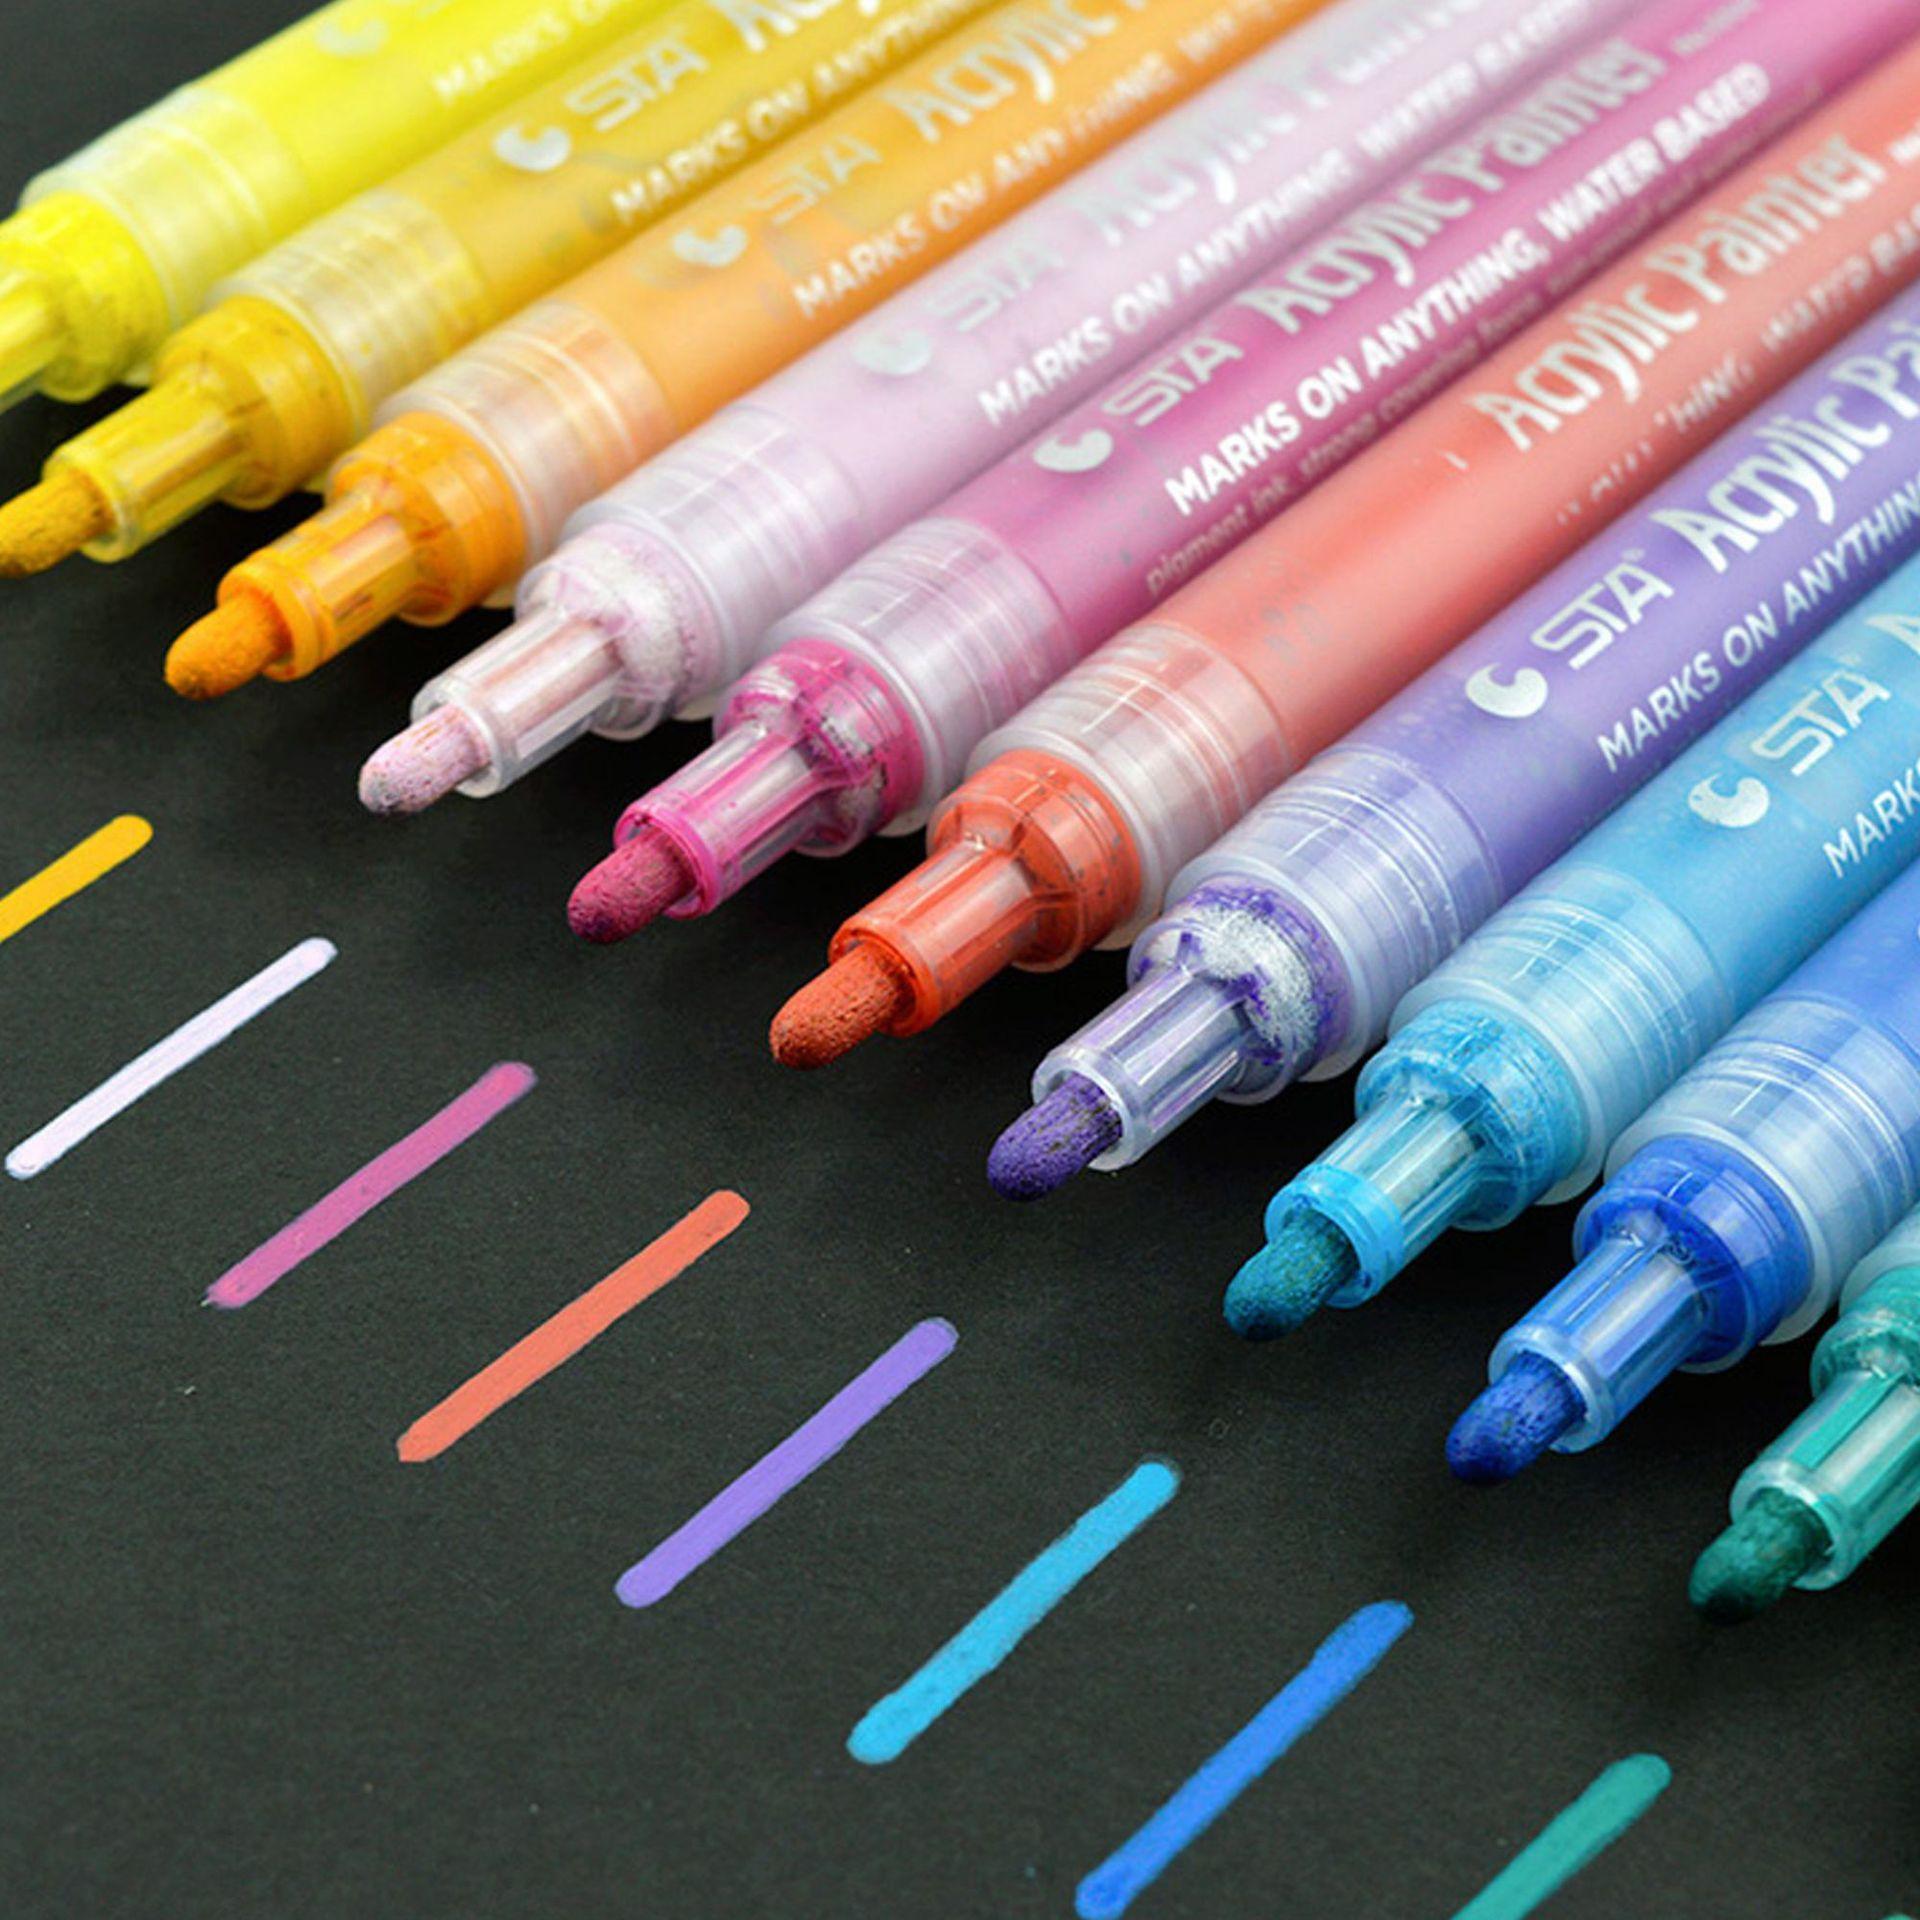 12 couleurs acrylique peinture marqueur stylos peinture permanente stylo art marqueurs fixé pour papier verre métal toile toile tissu en céramique peinture bricolage artisanat